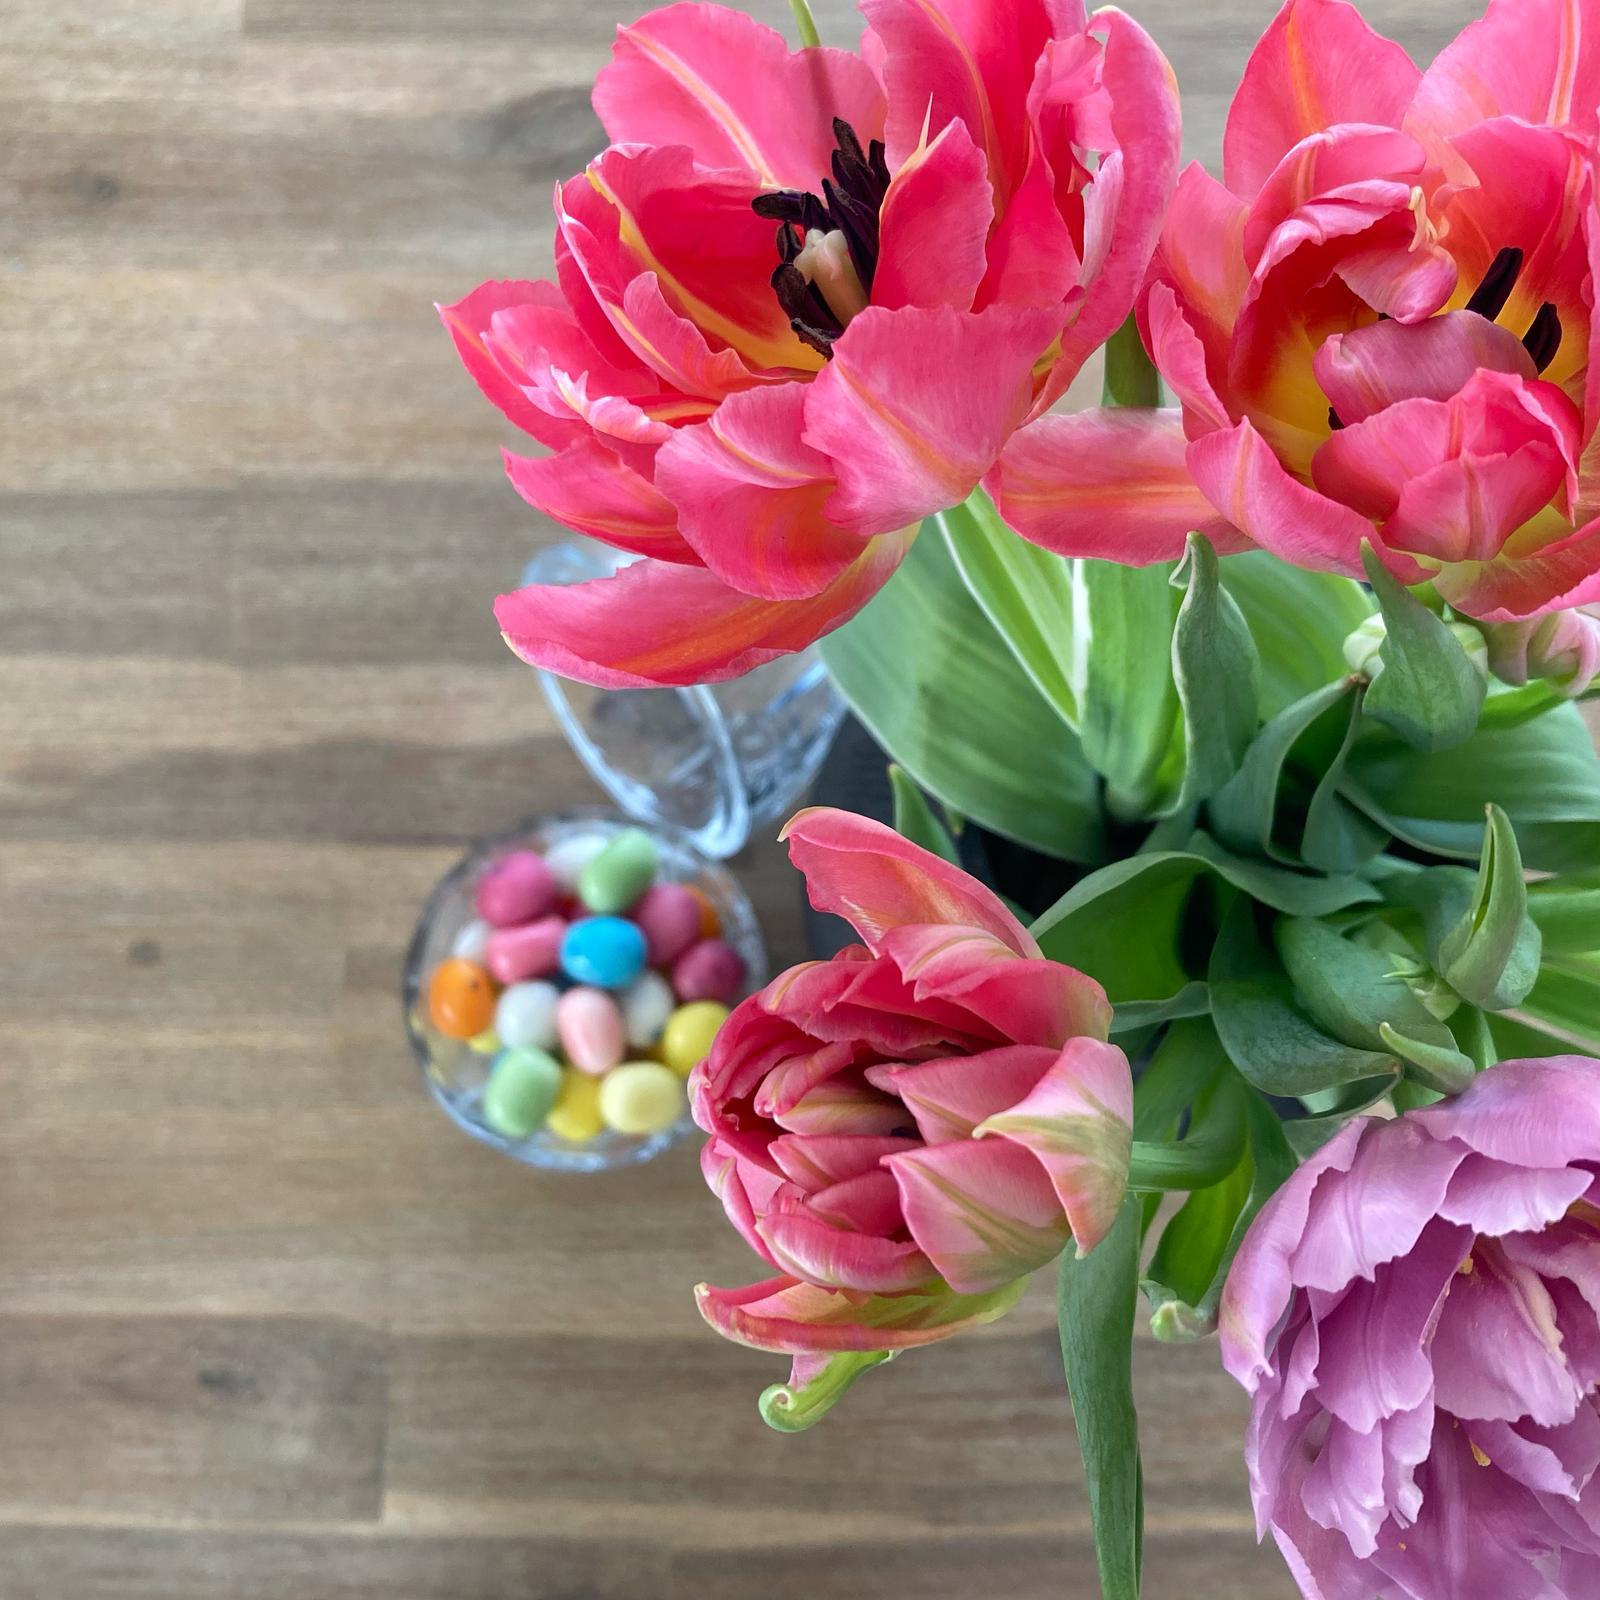 Doma i v zahradě - Jarní barvy a tulipány co mám ráda. Krásný nadcházející víkend všem.